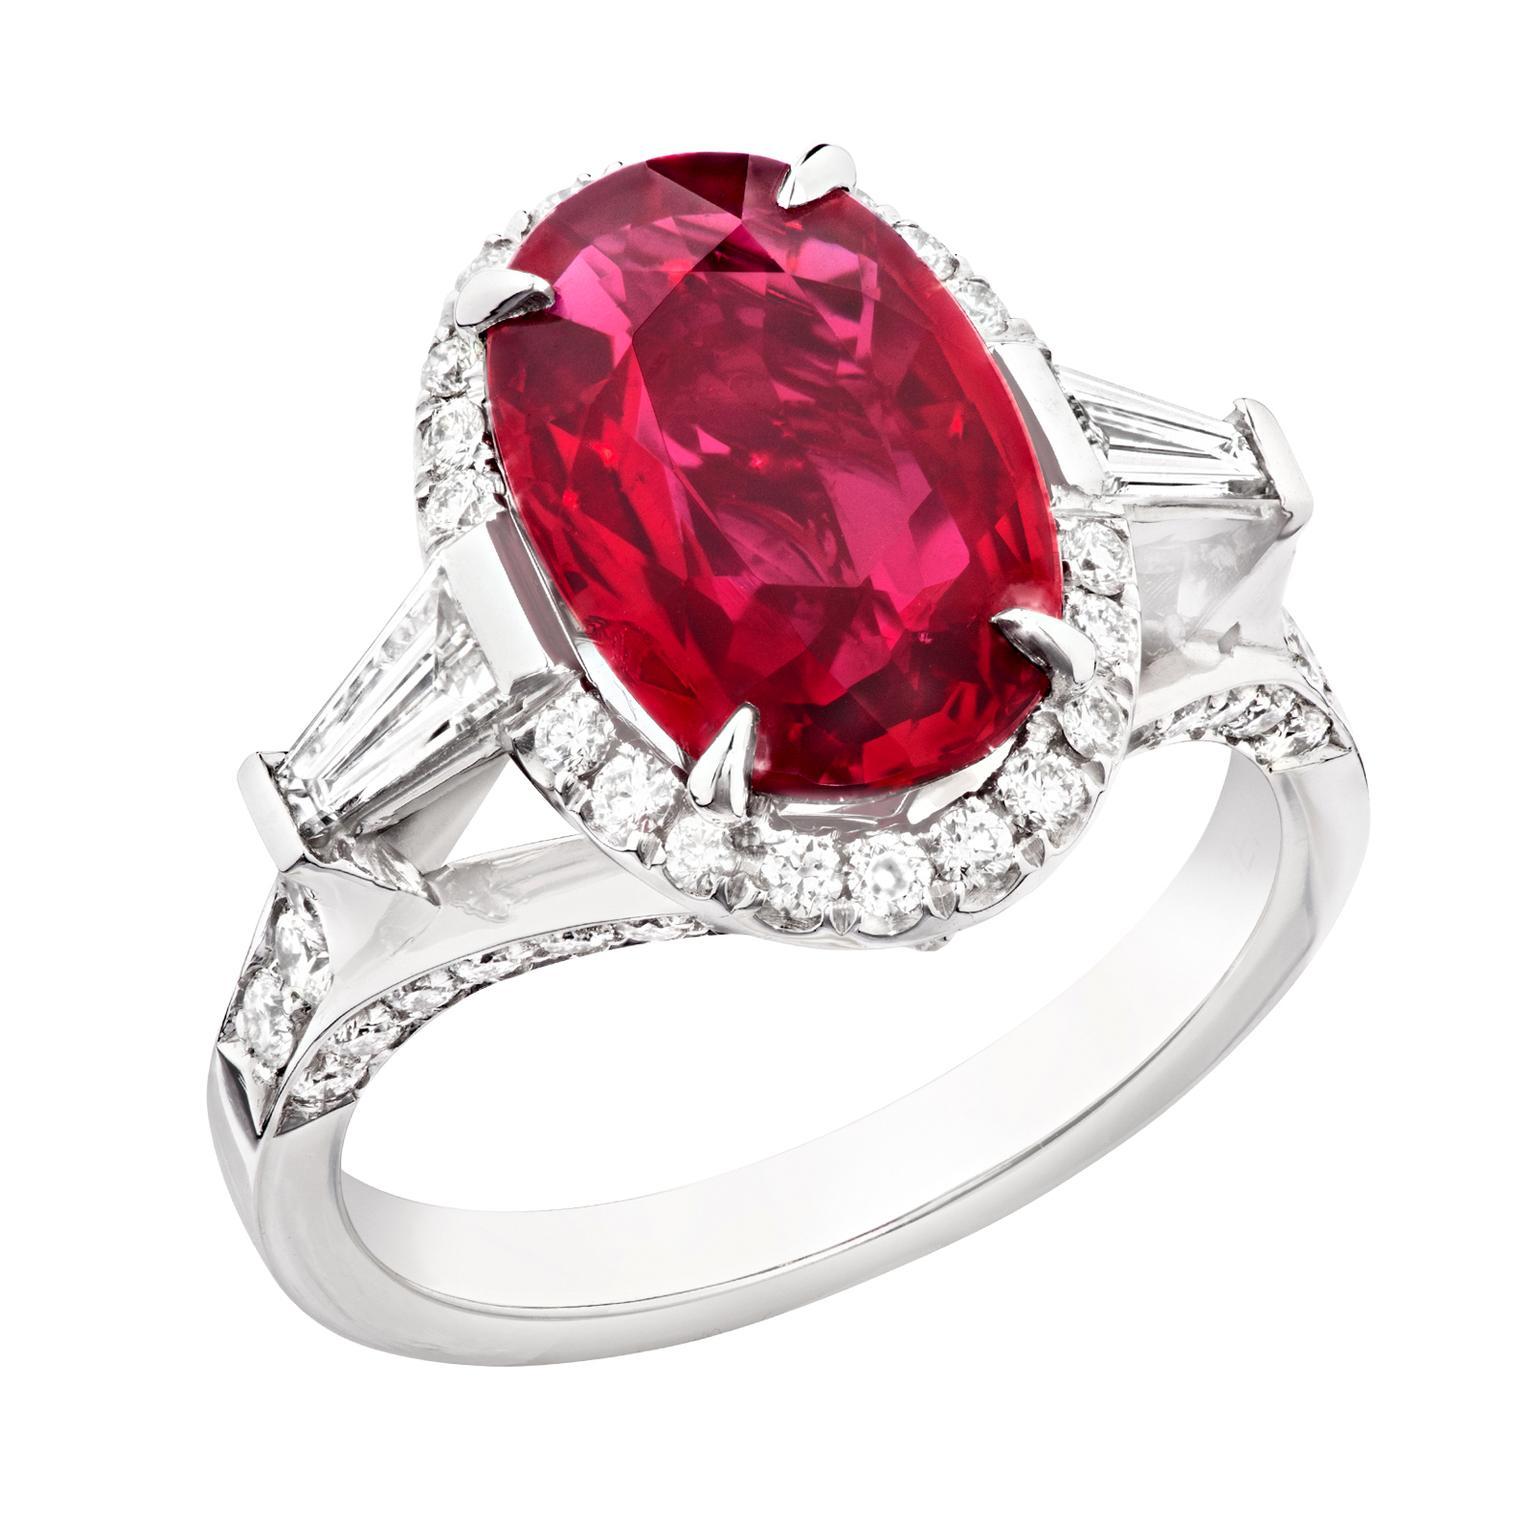 best ruby engagement rings jamesallencom obamaletter